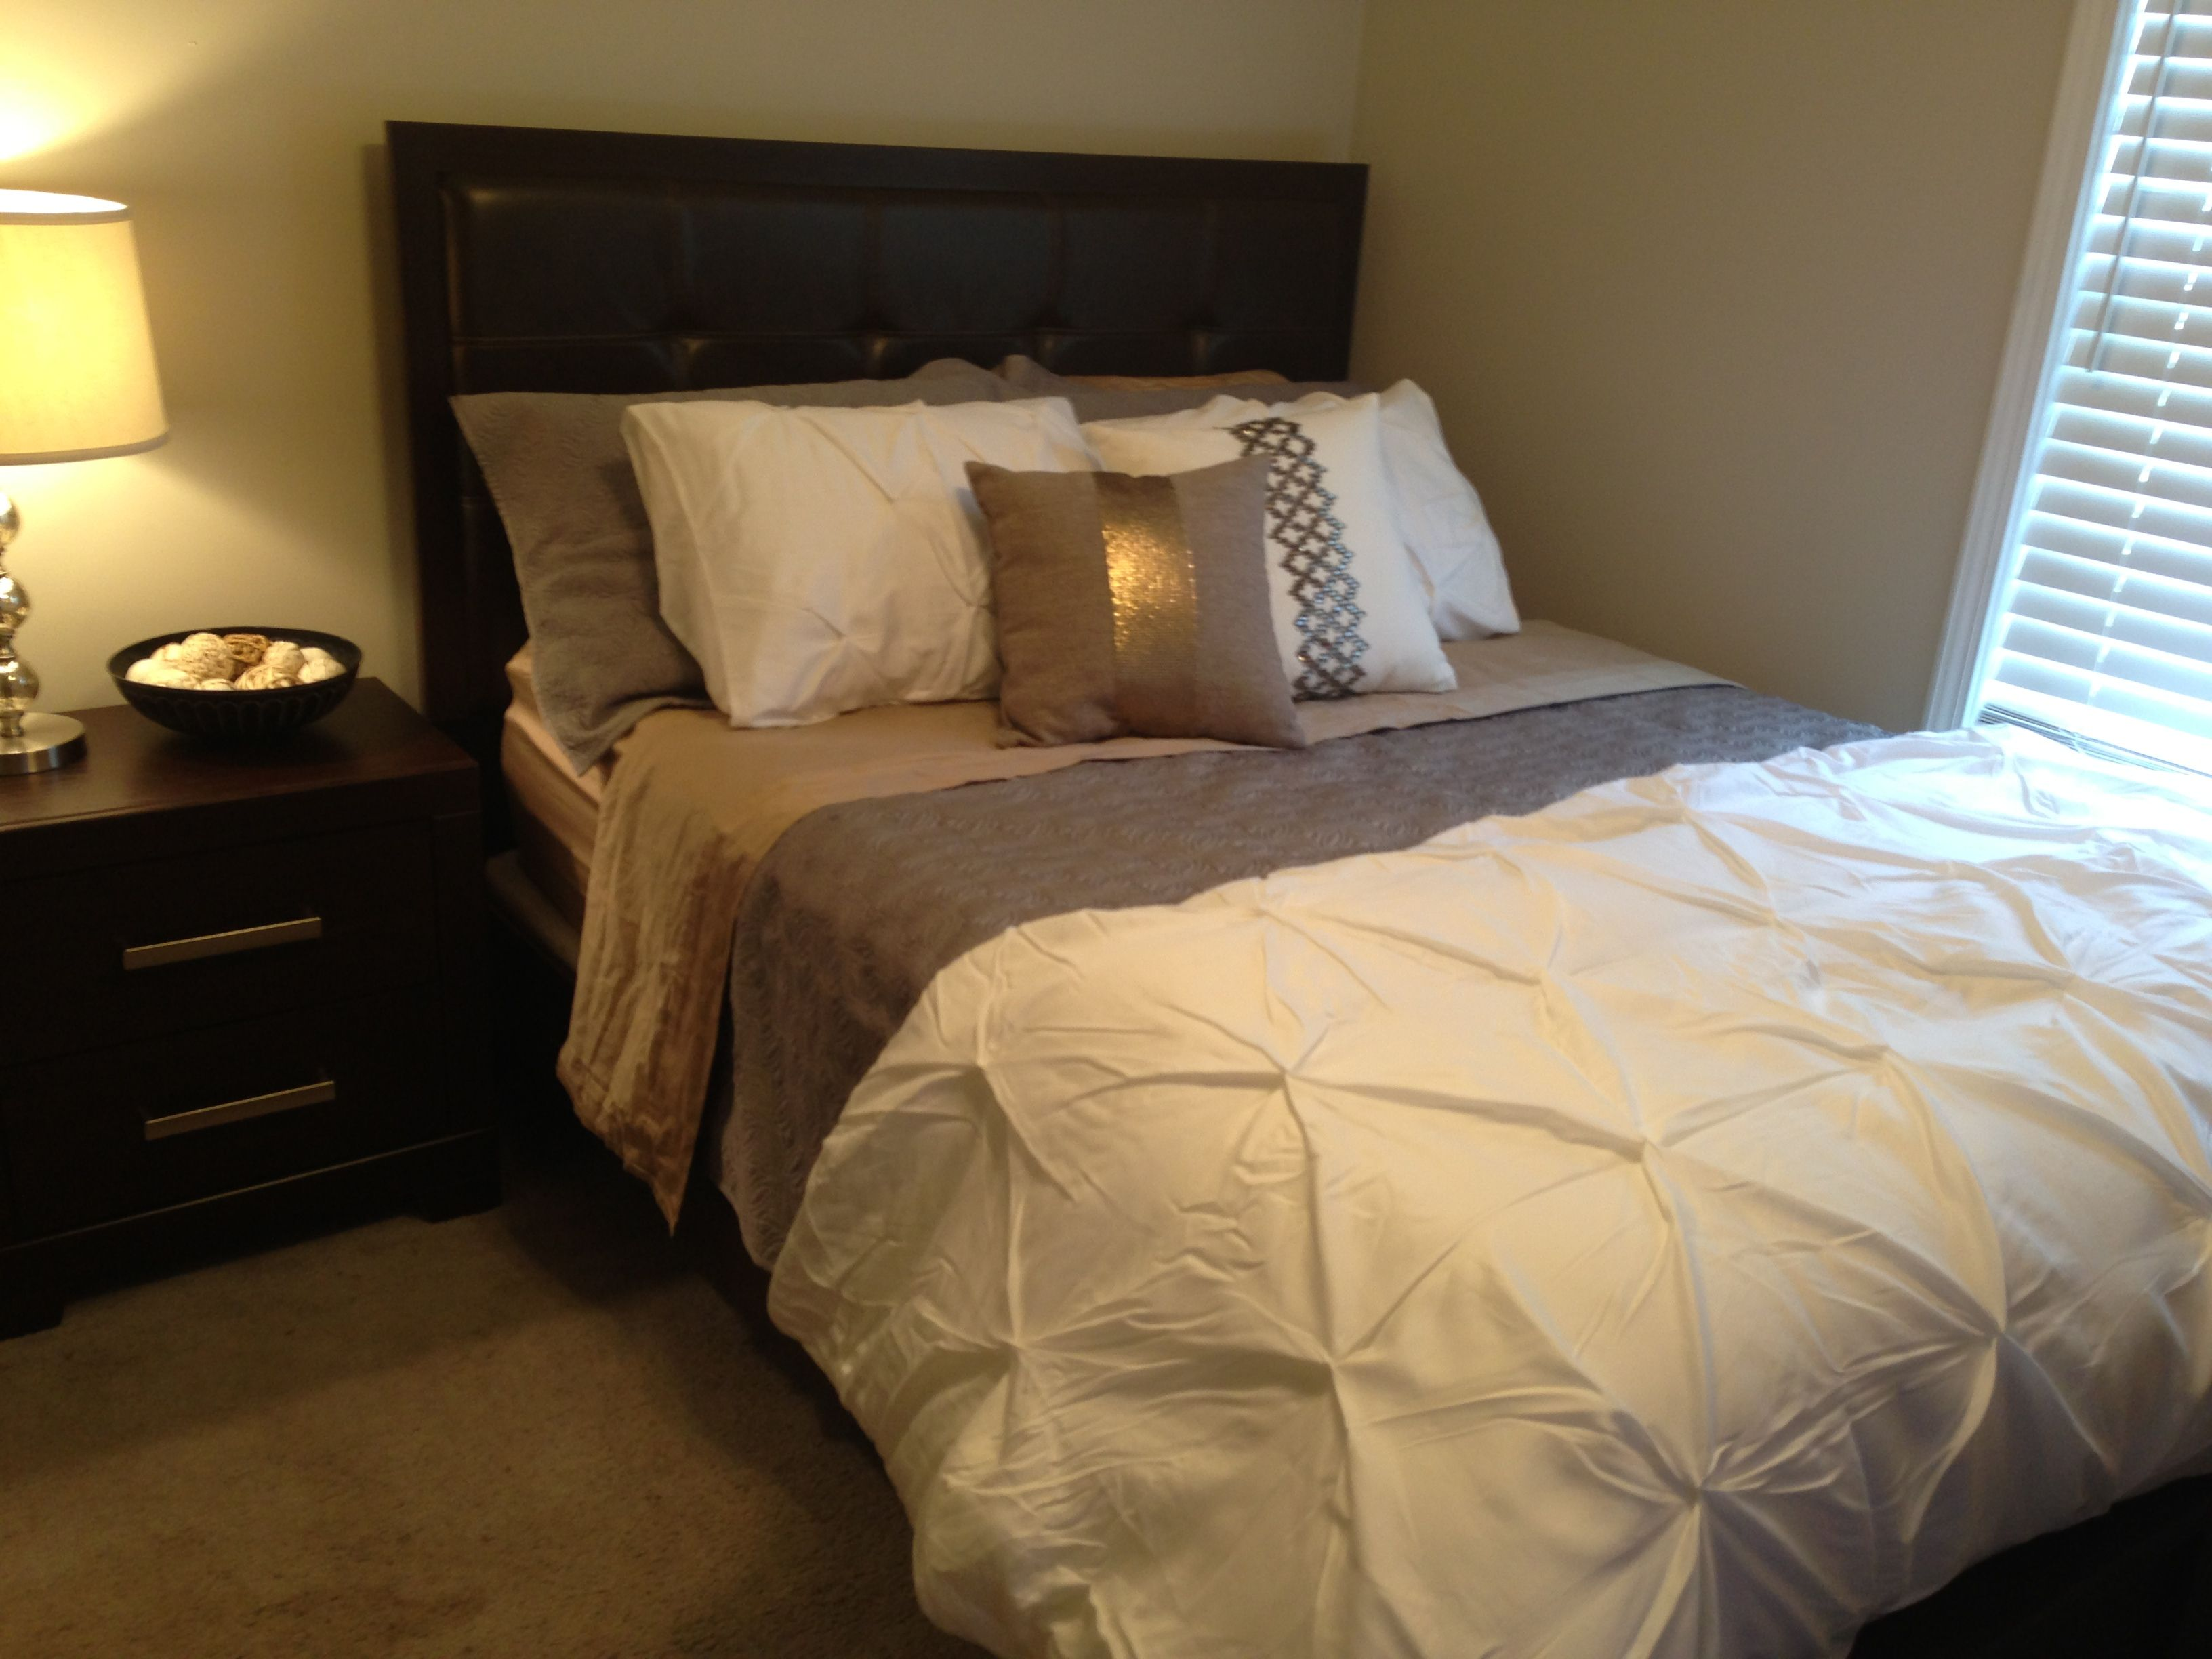 target nate berkus chenoa s bedroom bedroom decor bedding target